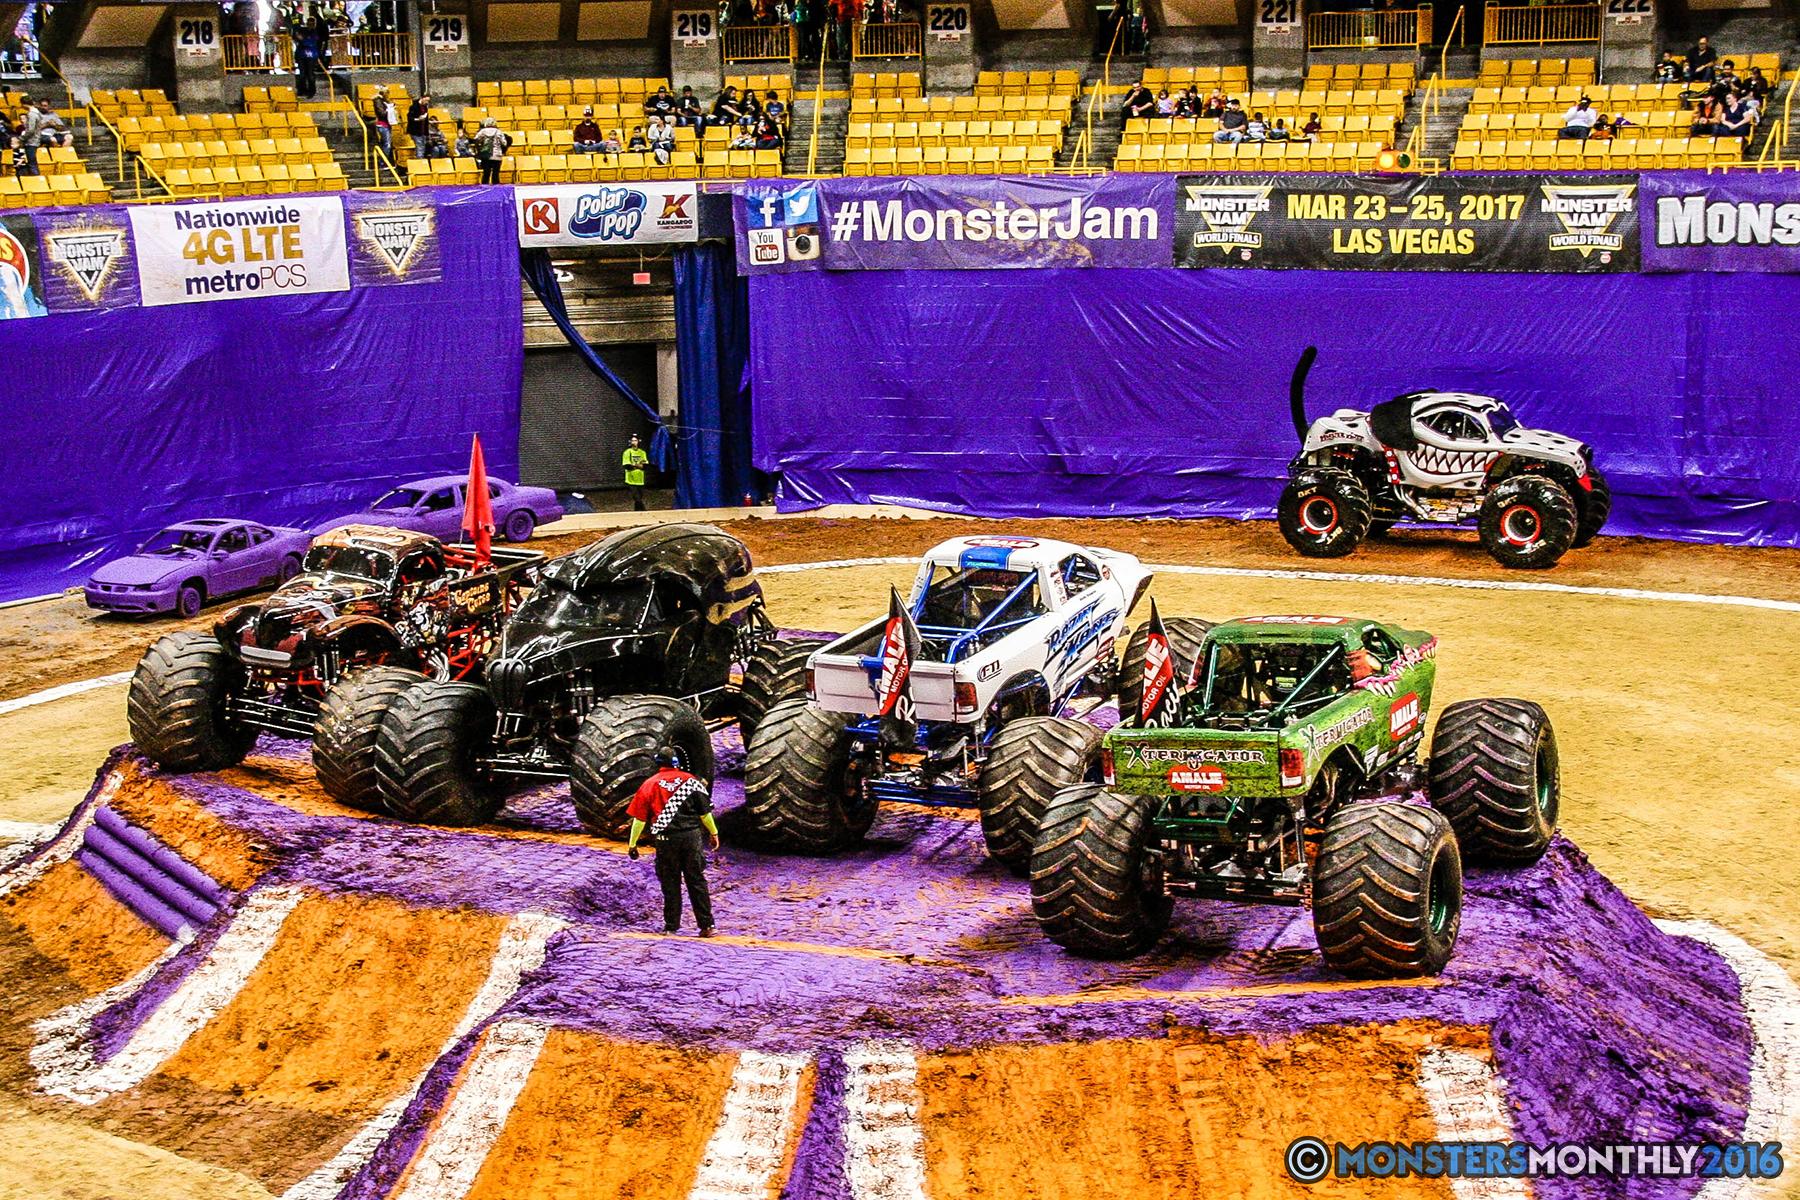 02-monster-jam-utc-mckenzie-arena-chattanooga-tennessee-monstersmonthly-monster-truck-race-gravedigger-monstermutt-xtermigator-razin-kane-doomsday-captainscurse-2016.jpg